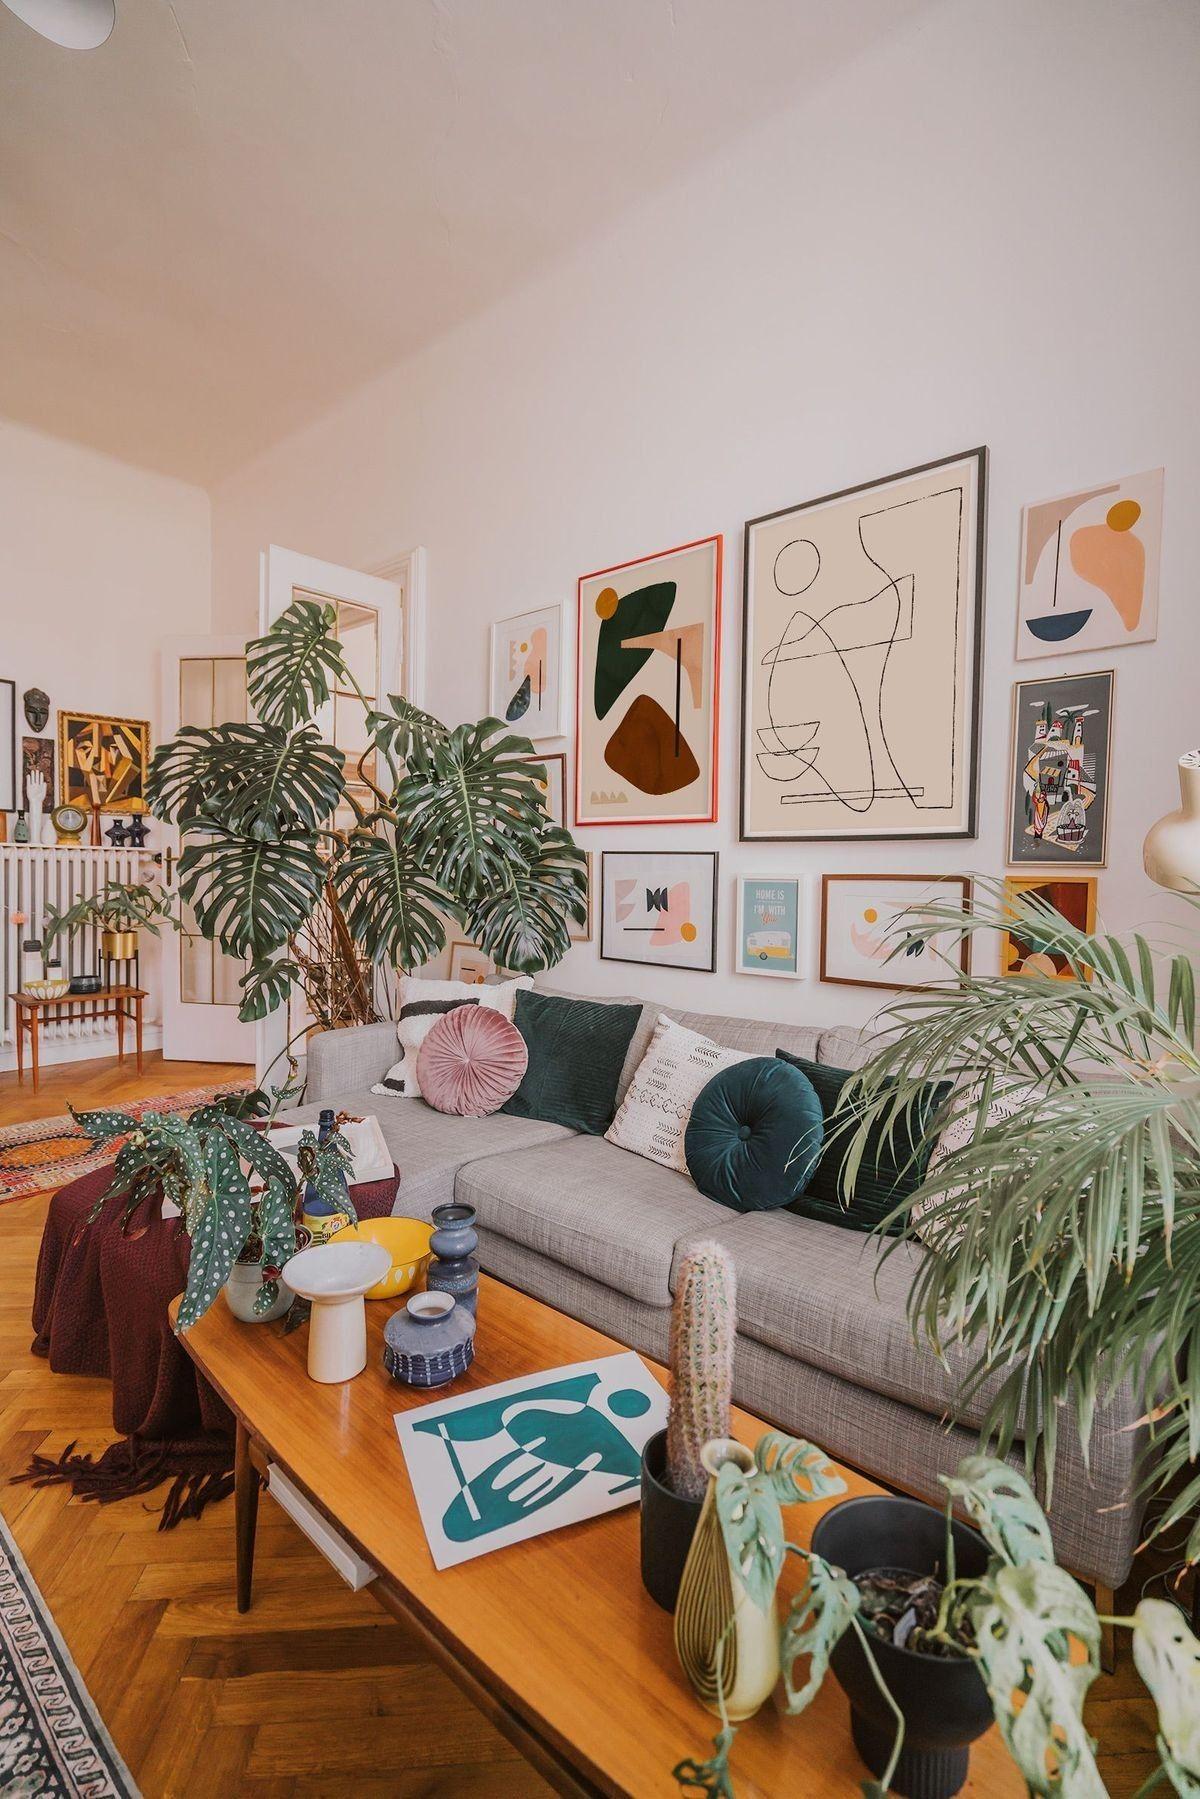 Pin de Gallery Wallrus Eclectic Wal en Gallery Walls en